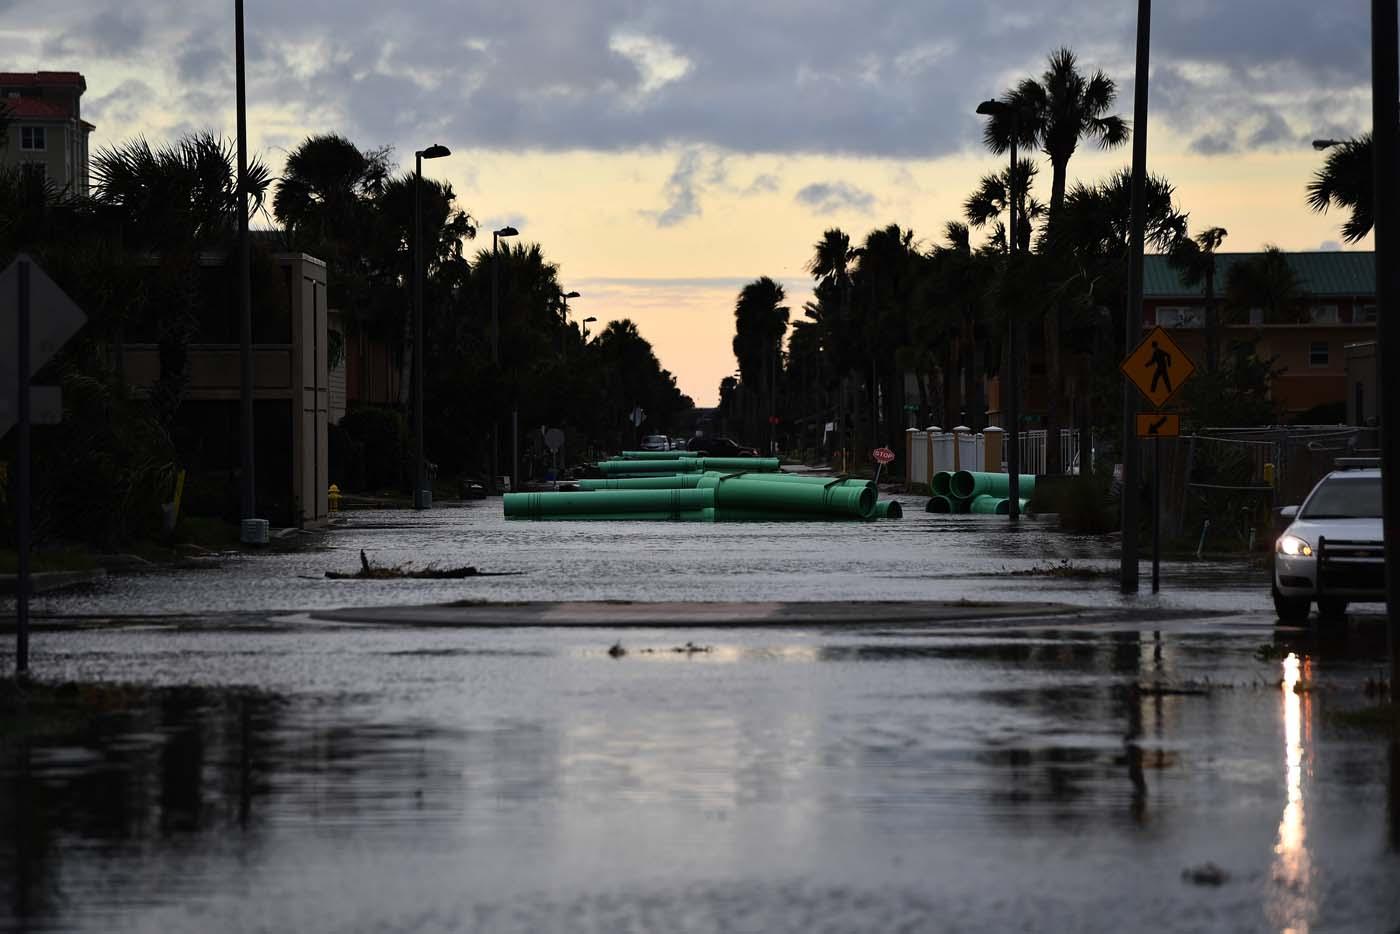 26 vuelos de Avianca cancelados por huracán Matthew